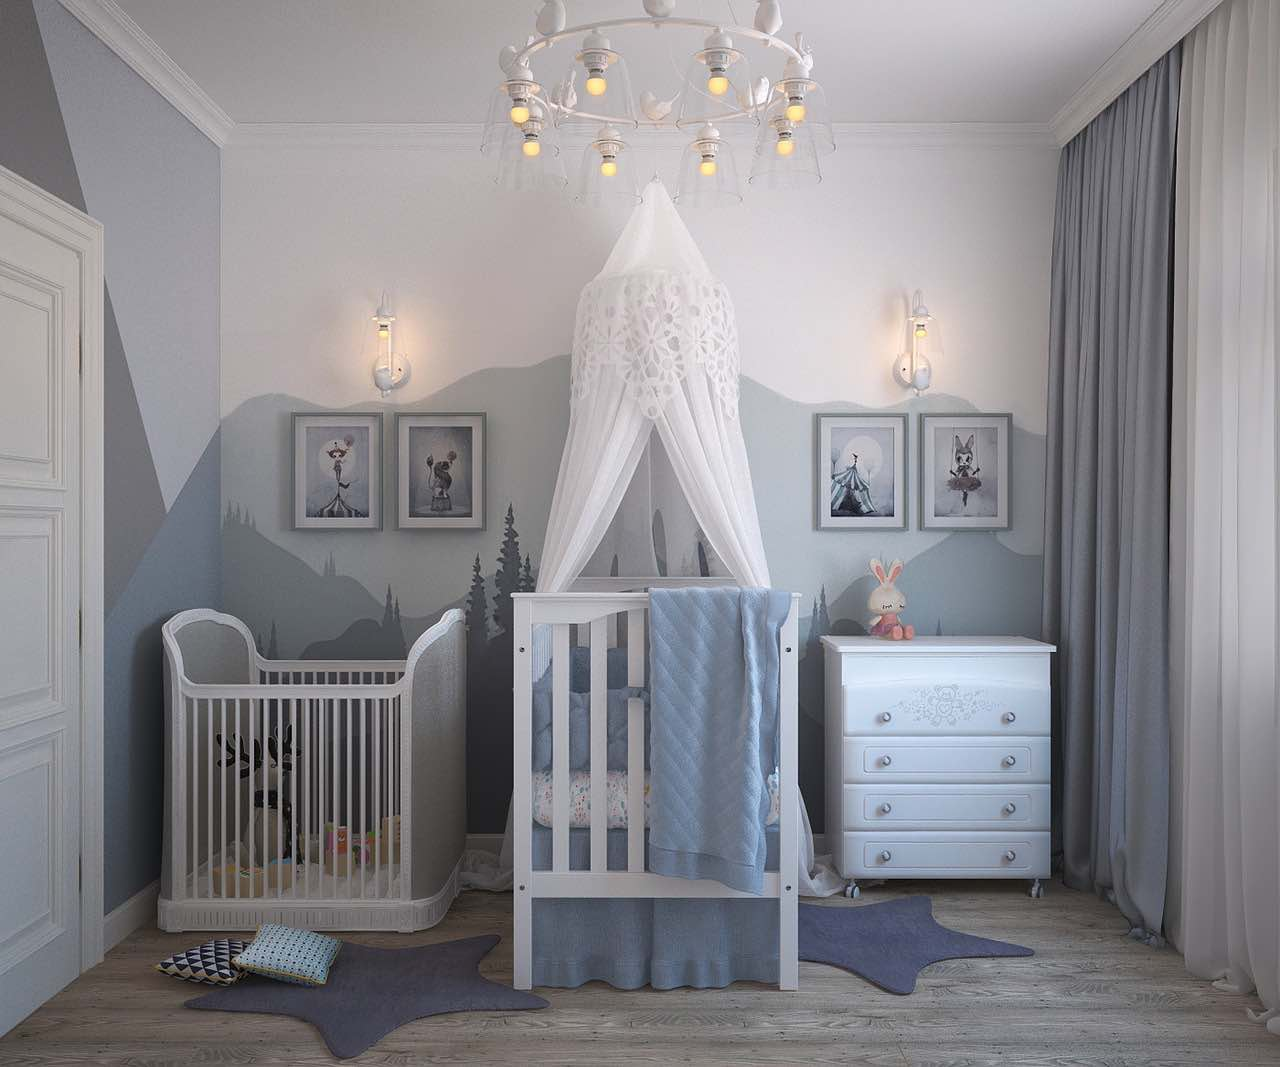 Kinderzimmerbeleuchtung